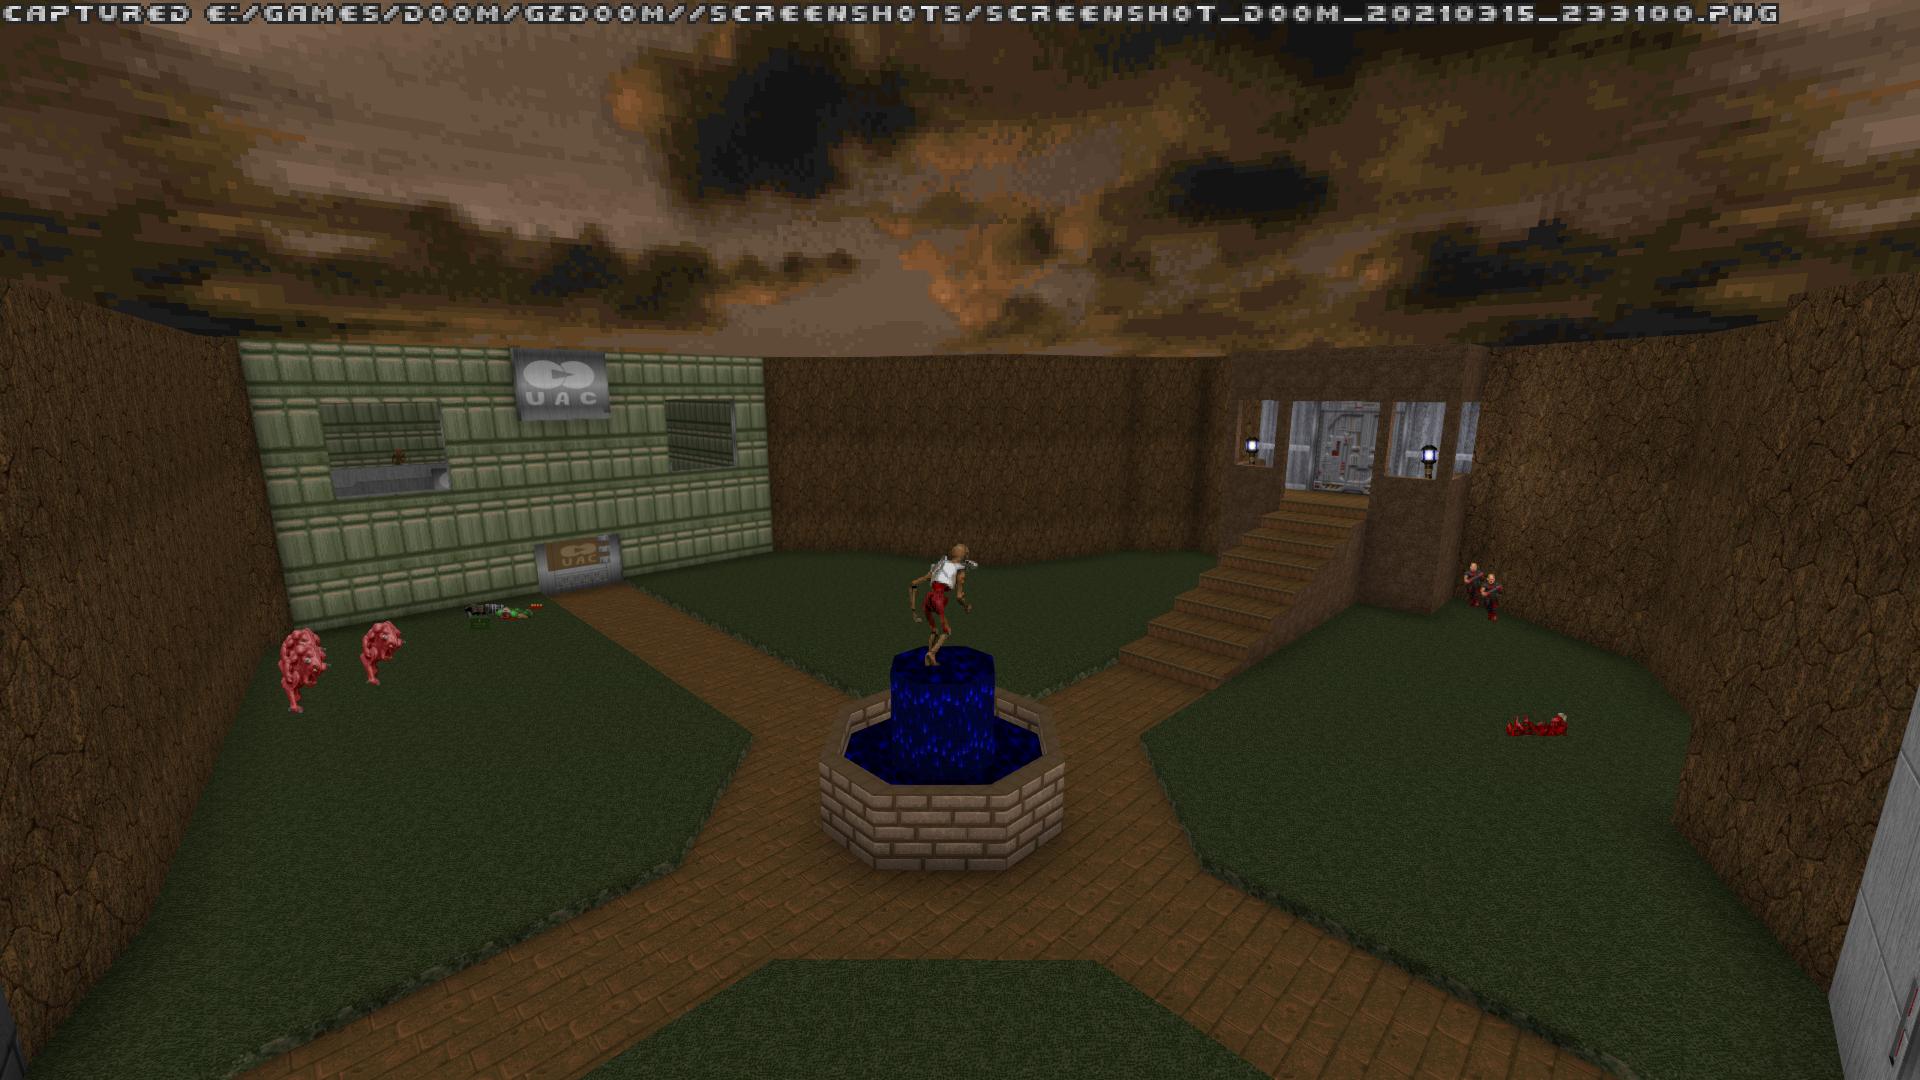 Screenshot_Doom_20210315_233101.png